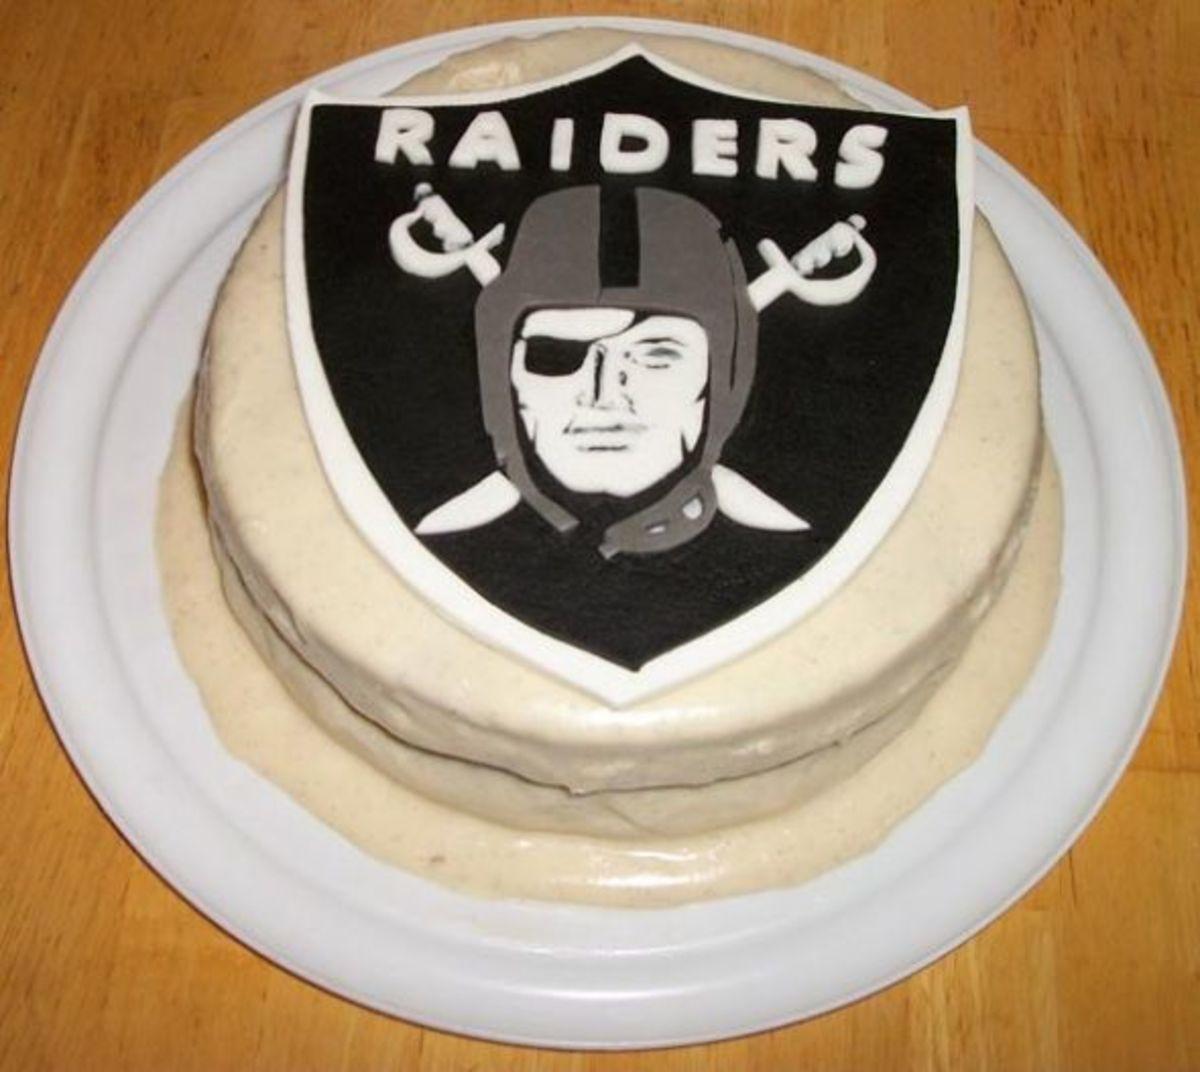 Oakland Raiders rendered in sugar